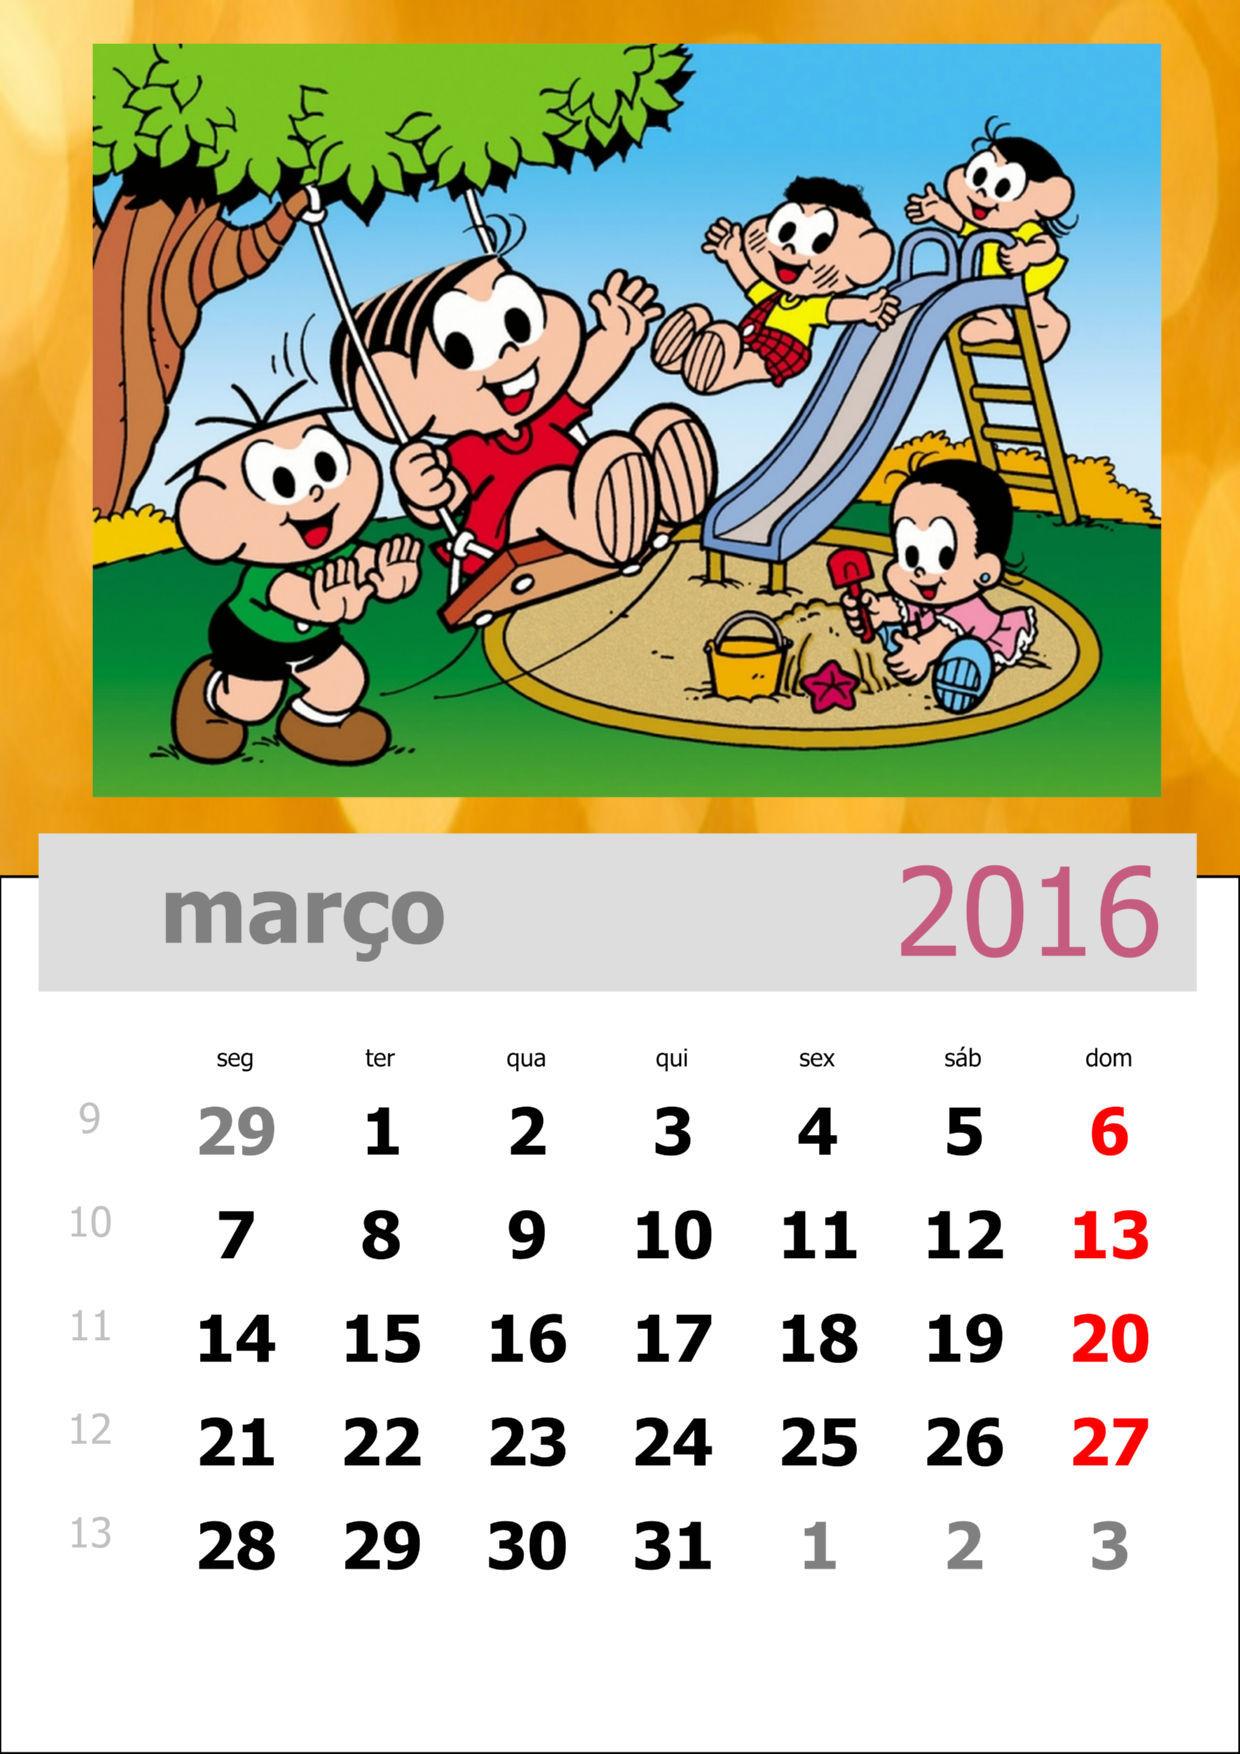 Calendário da Turma da Mônica 2016 - Mês de março